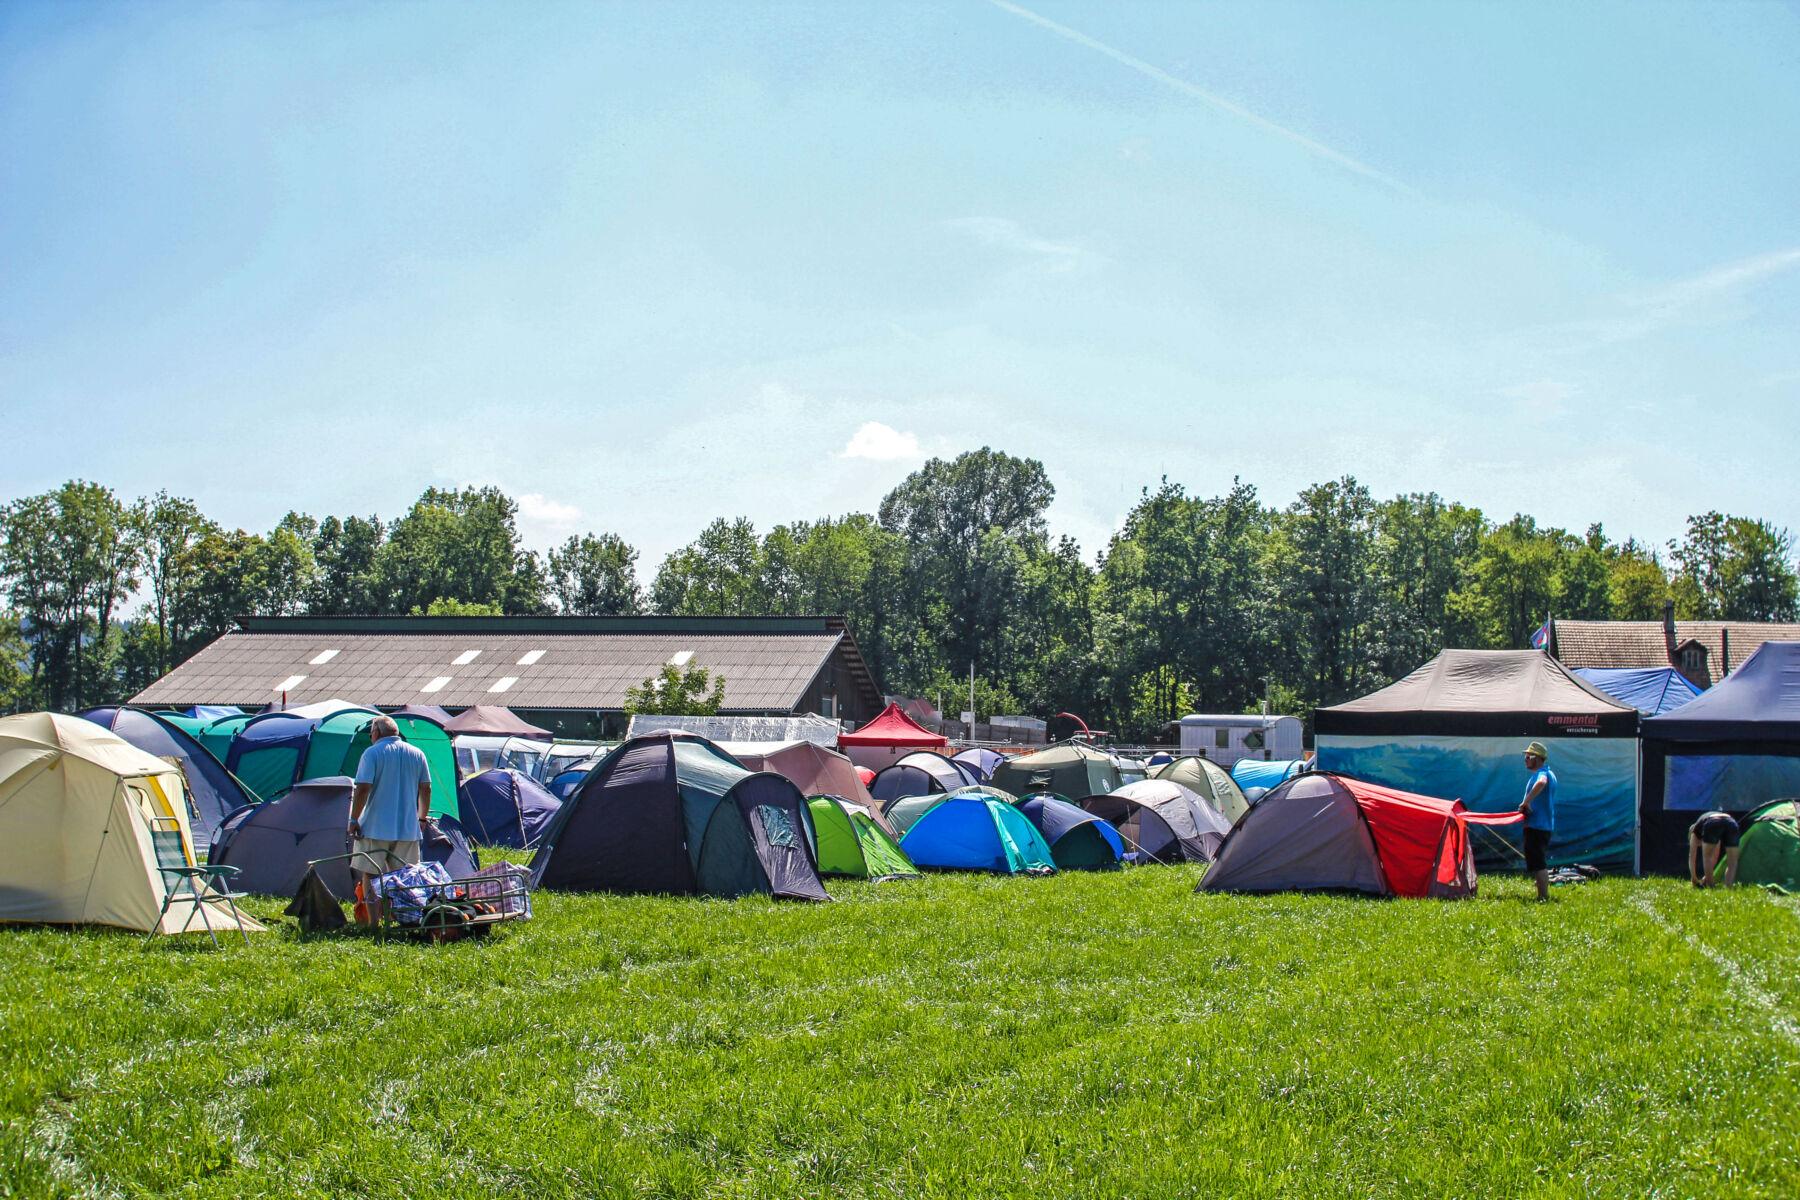 Übernachtung bereit zur Buchung, Eidgenössisches Schwing- und Älplerfest Pratteln im Baselbiet | ESAF 2022